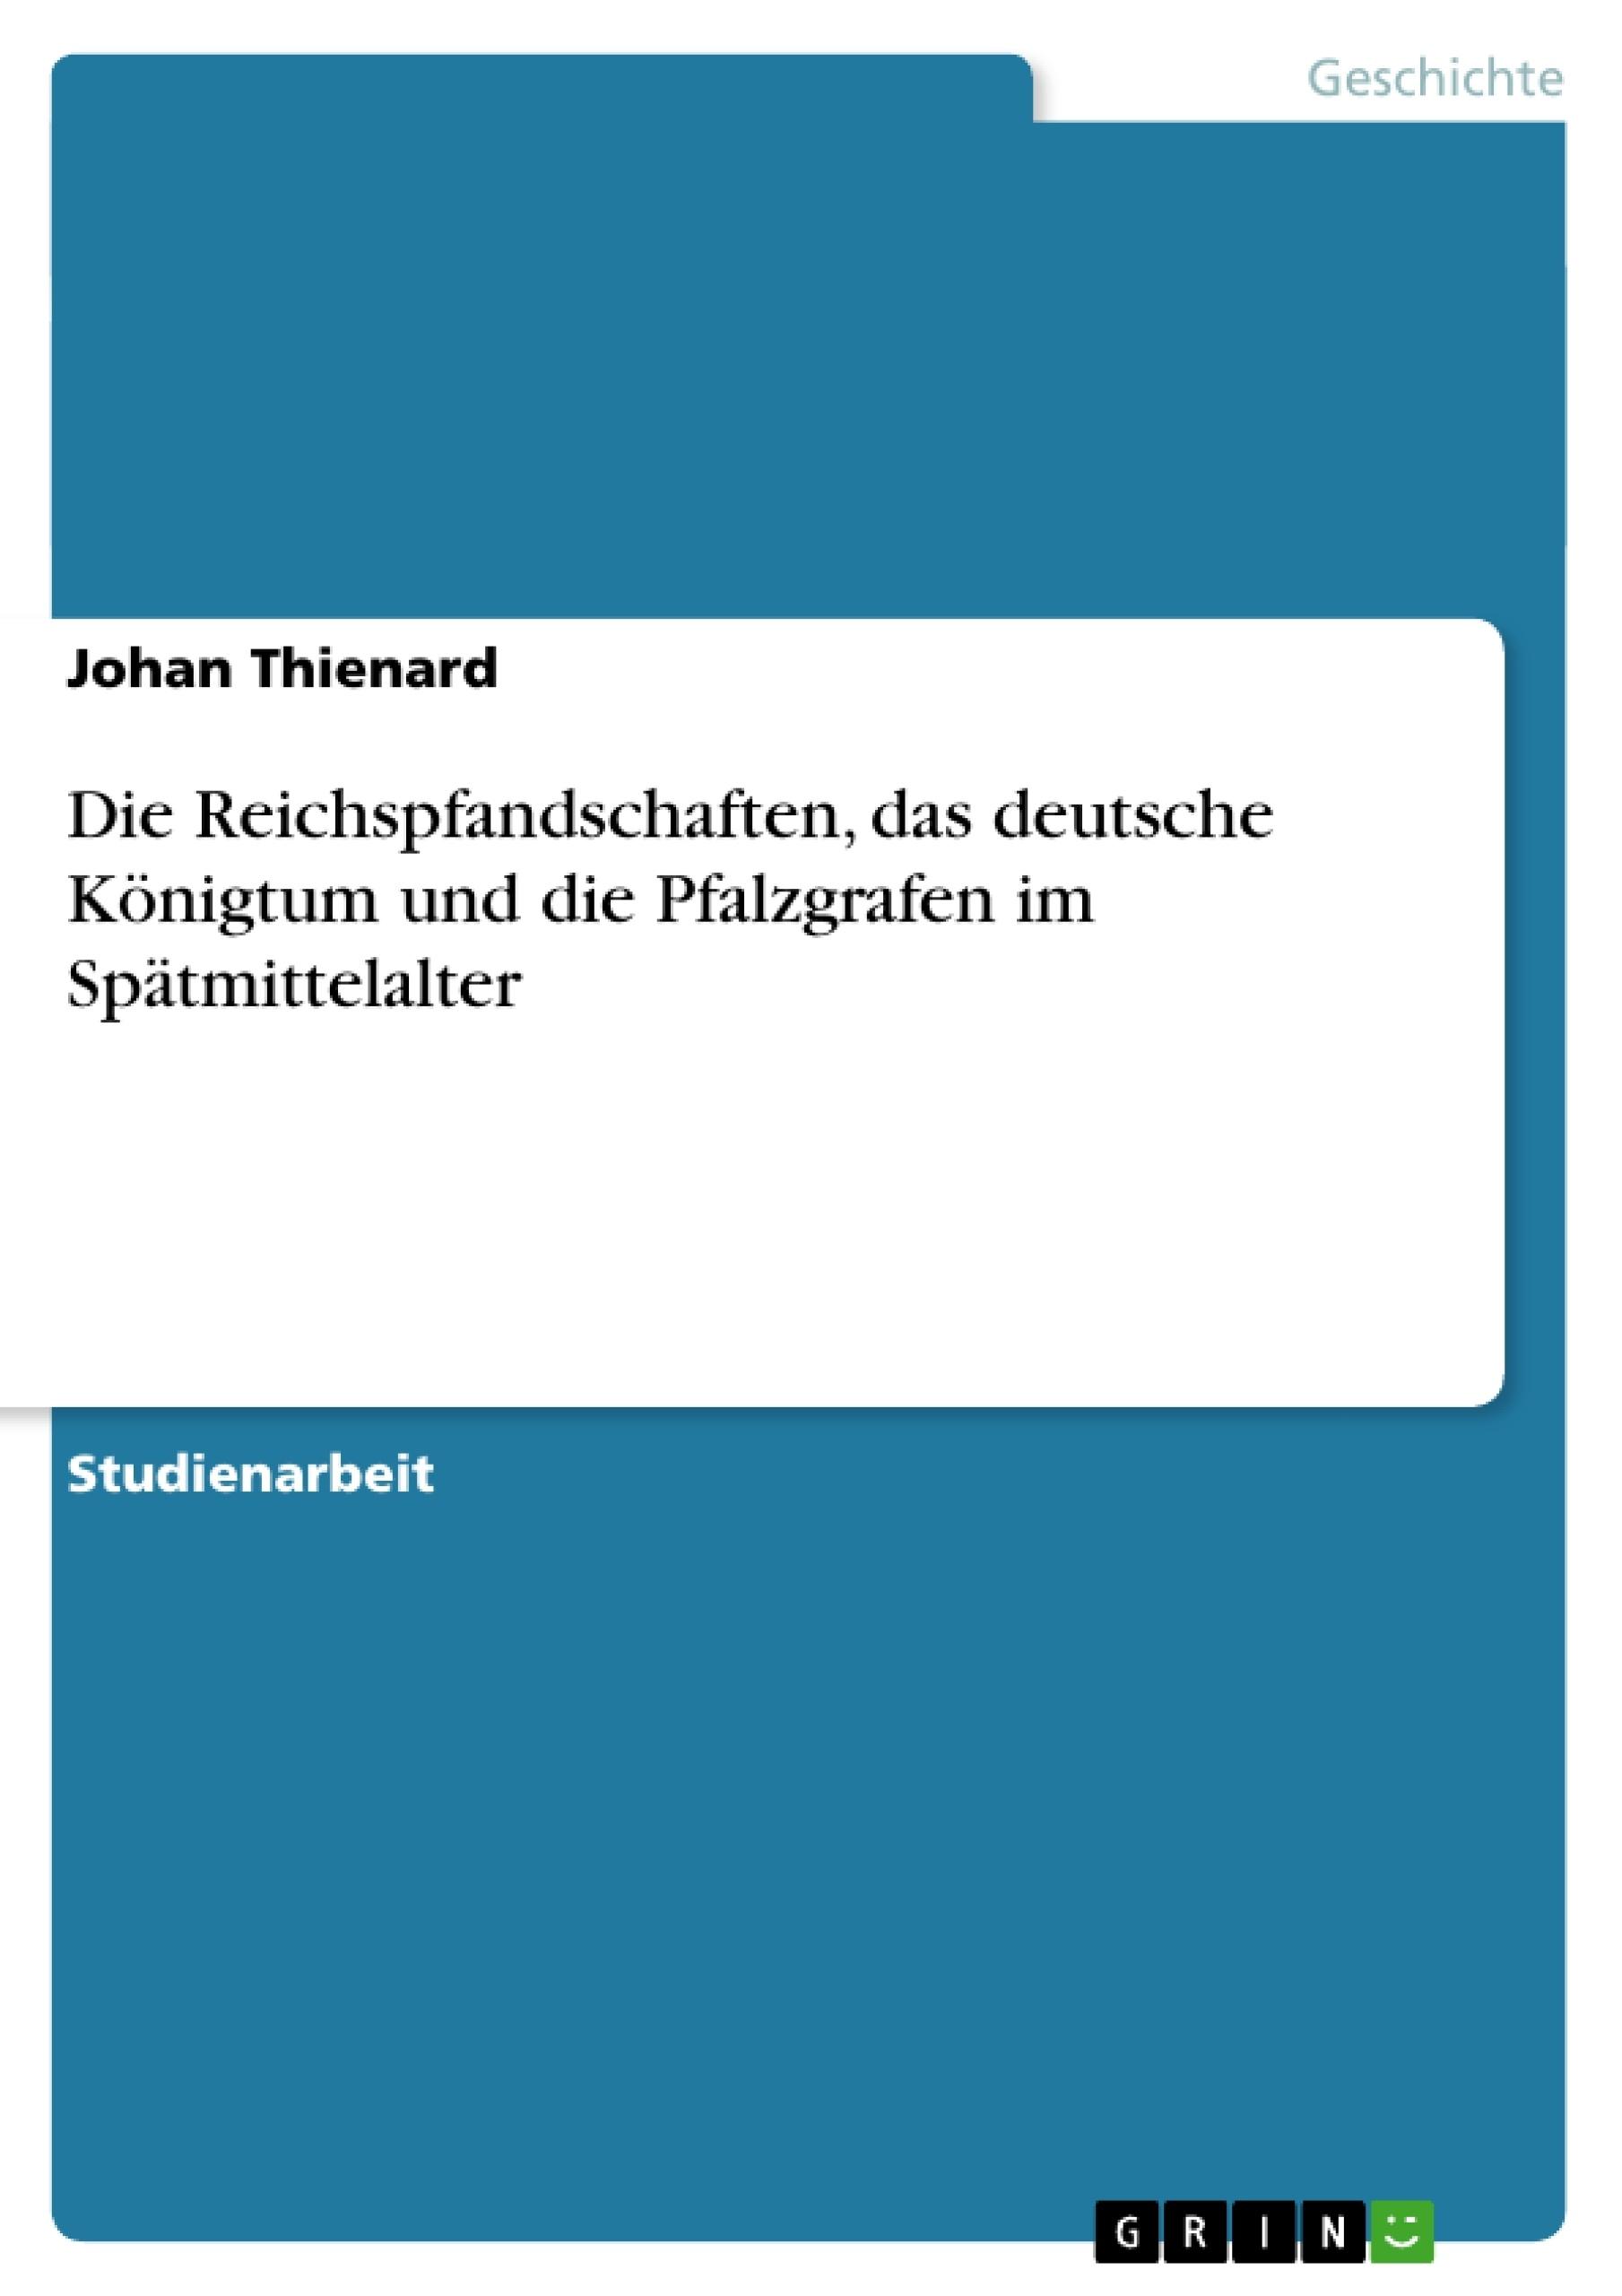 Titel: Die Reichspfandschaften, das deutsche Königtum und die Pfalzgrafen im Spätmittelalter